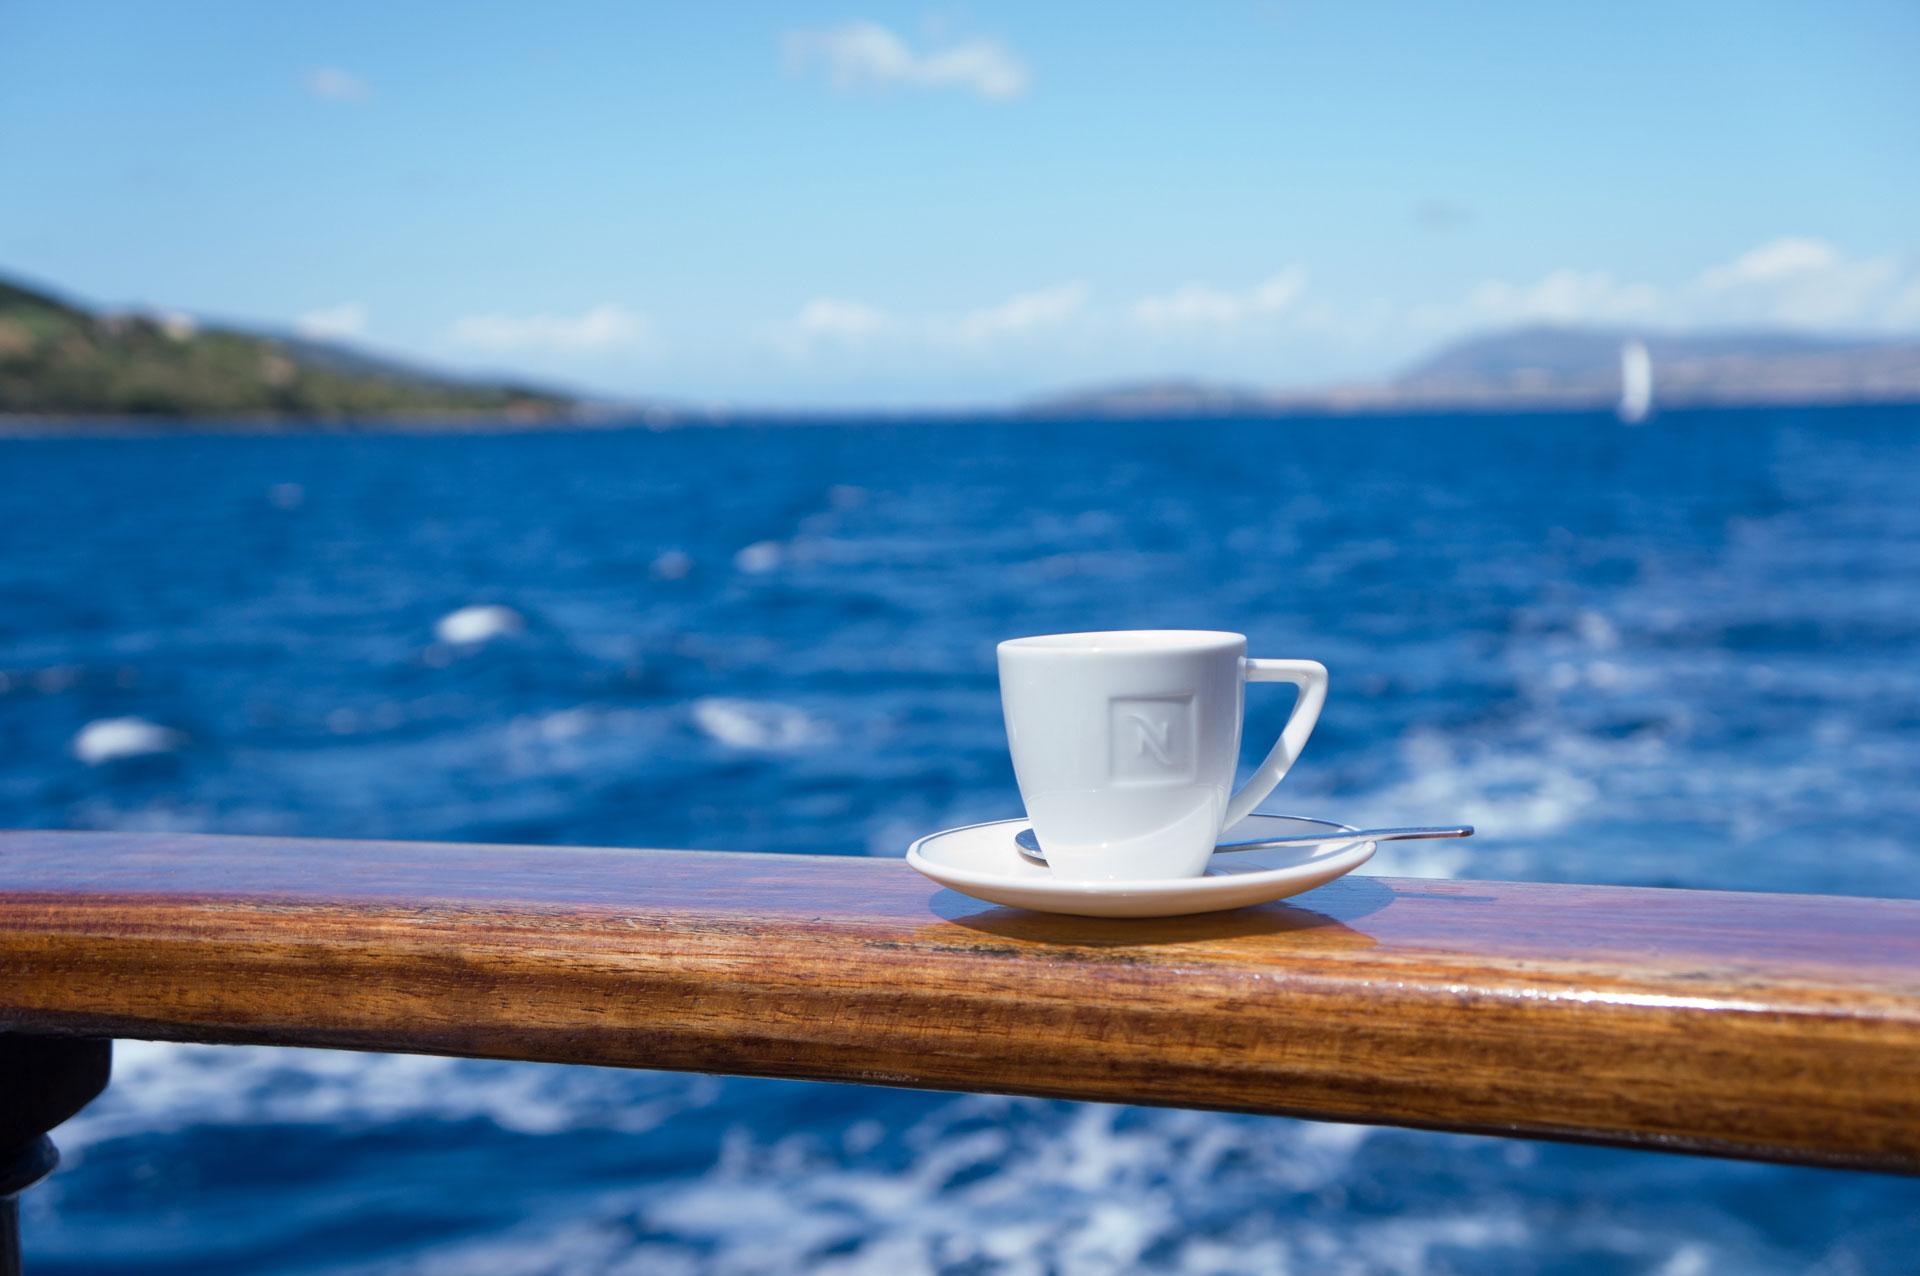 Abenteuer mit Komfort - Yachtcharter im Mittelmeer